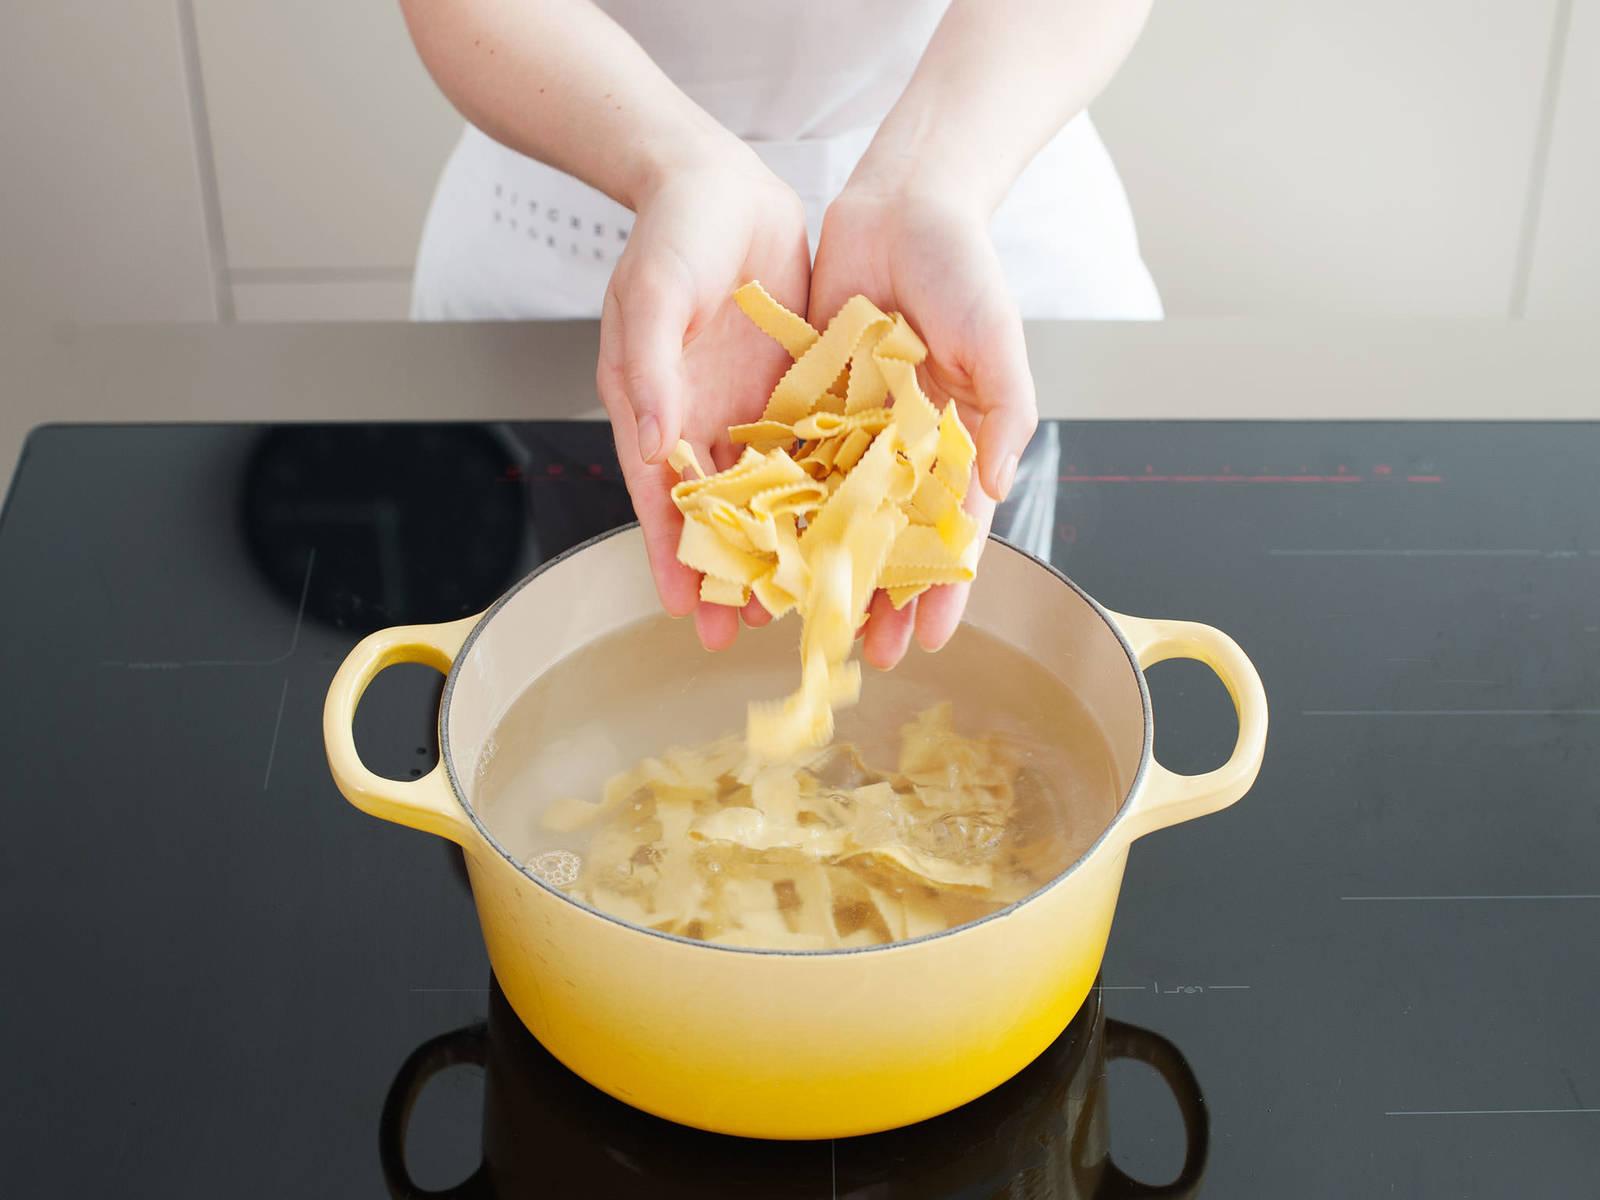 牛肉快炖好时,按照包装上的指示用盐水煮意面。如果牛肉汤汁过稀,打开炖锅盖并调至高火,用筛子加一些面粉勾芡,一次加一汤匙,拌匀使汤汁变厚。将炖牛肉铺在意面上享用!